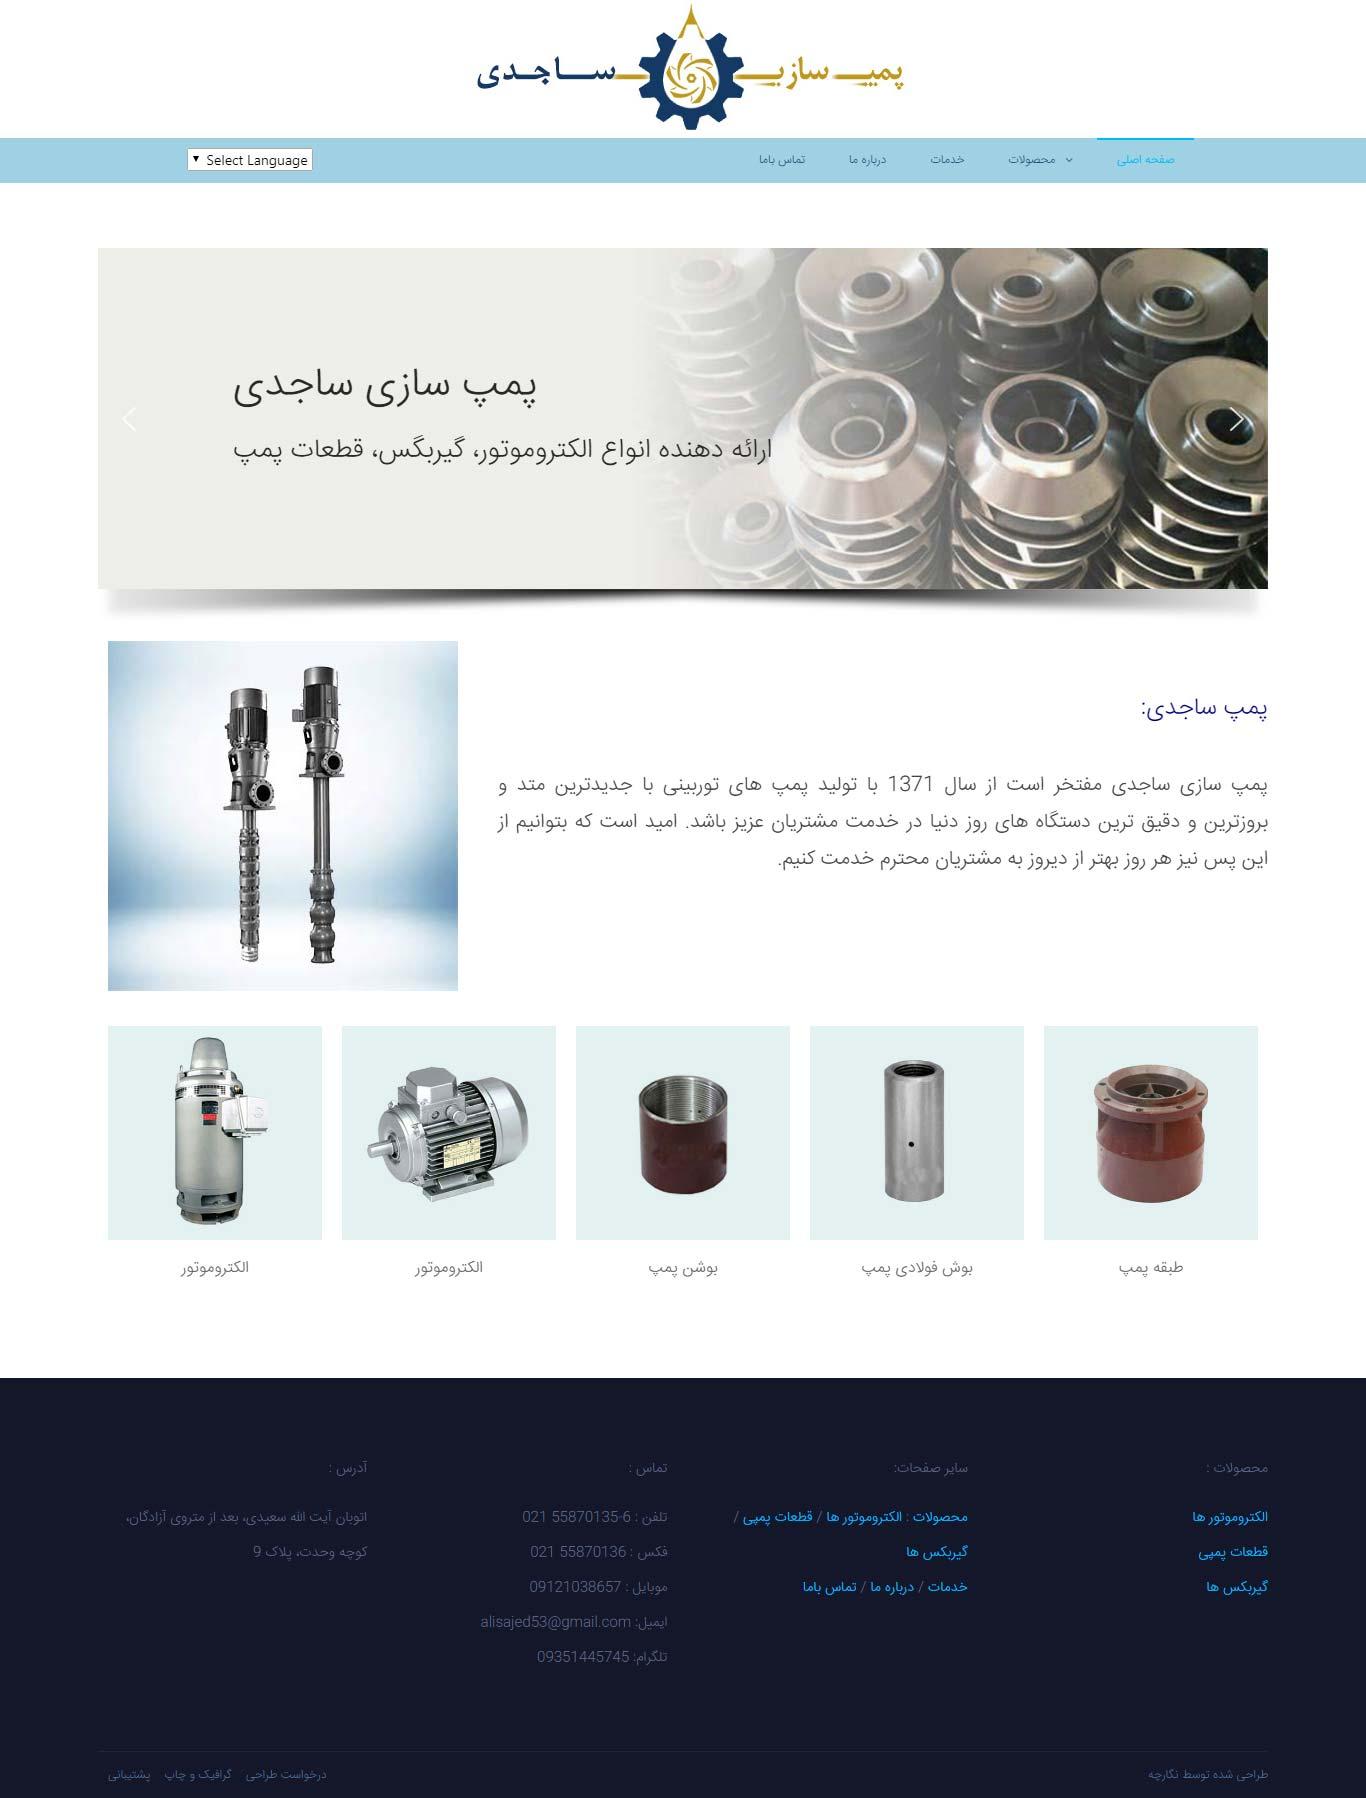 نمونه کار طراحی سایت صنعتی نگارچه